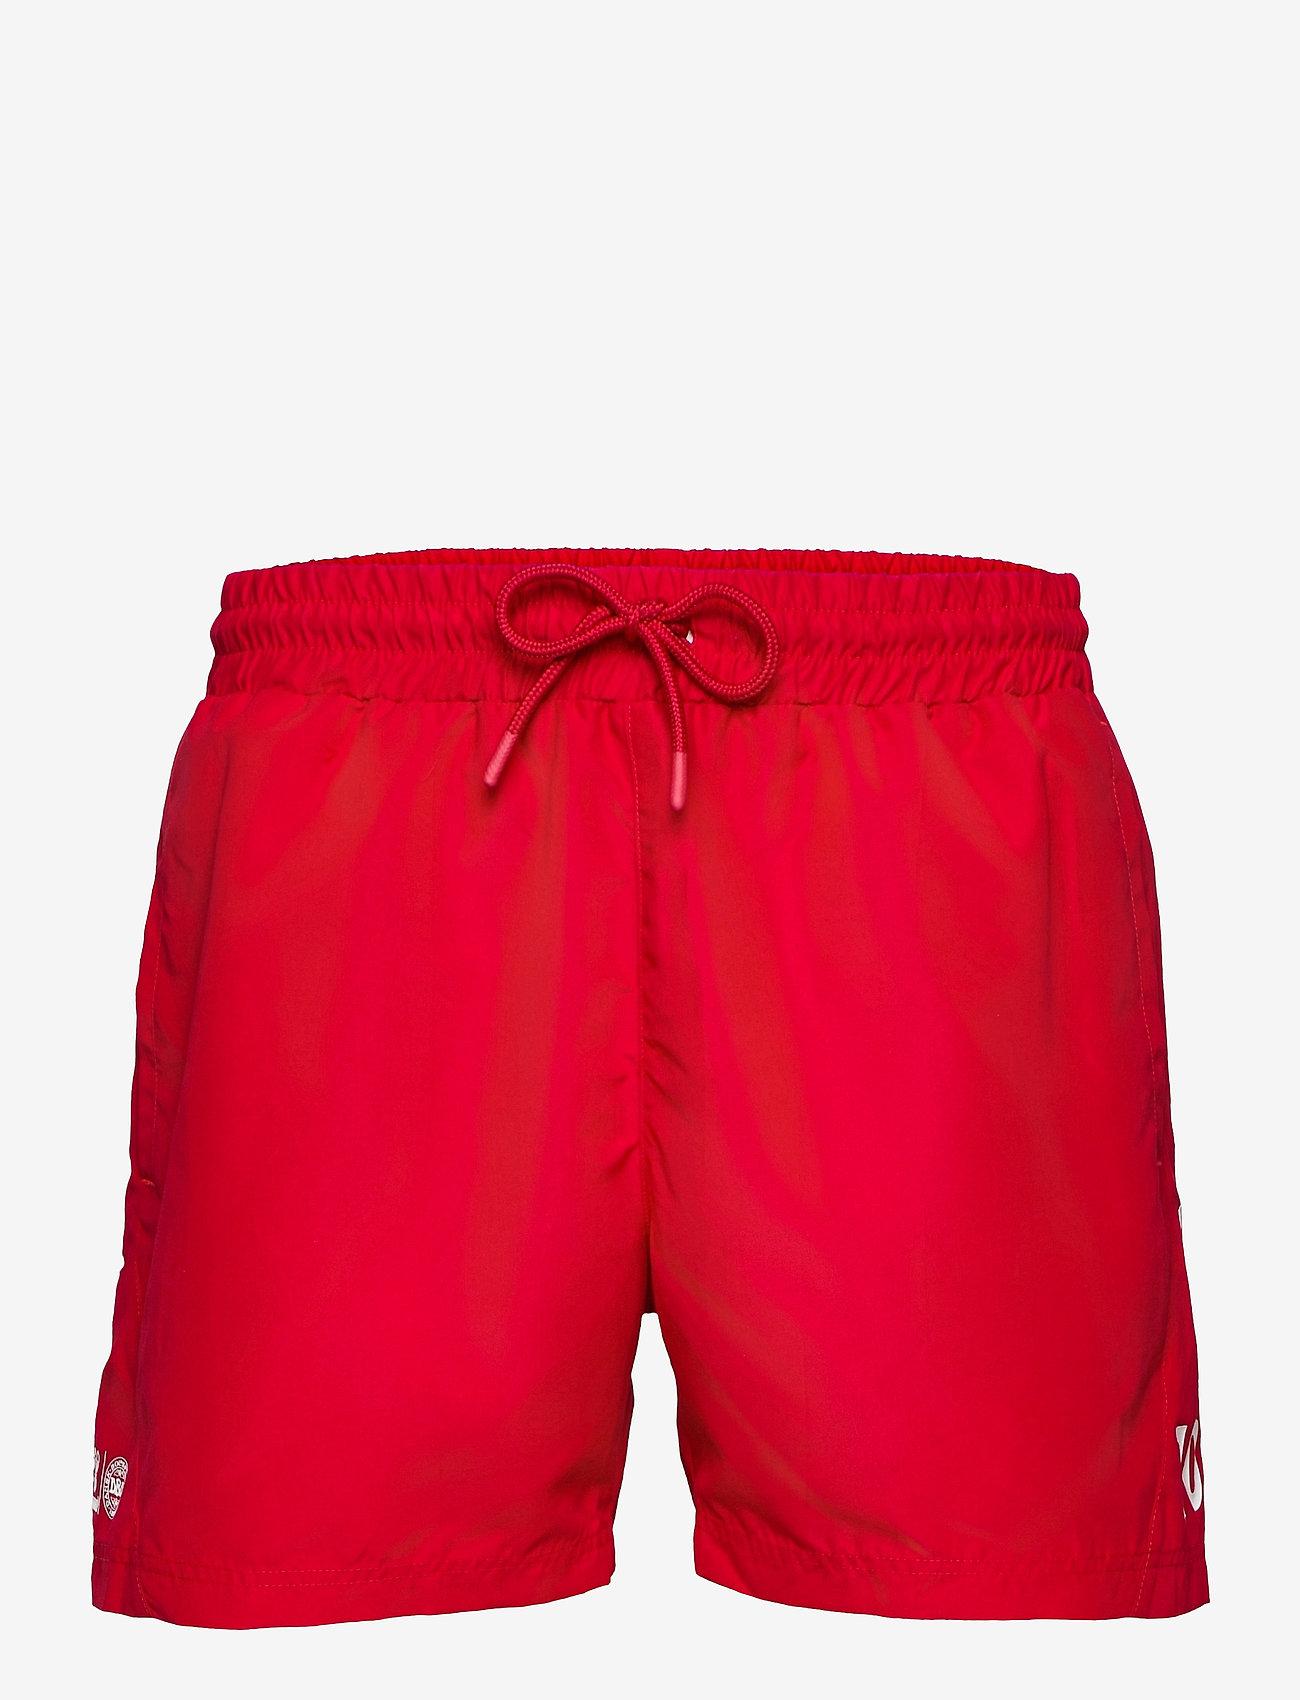 Hummel - DBU FAN 2020 SWIM SHORTS - shorts - tango red - 0